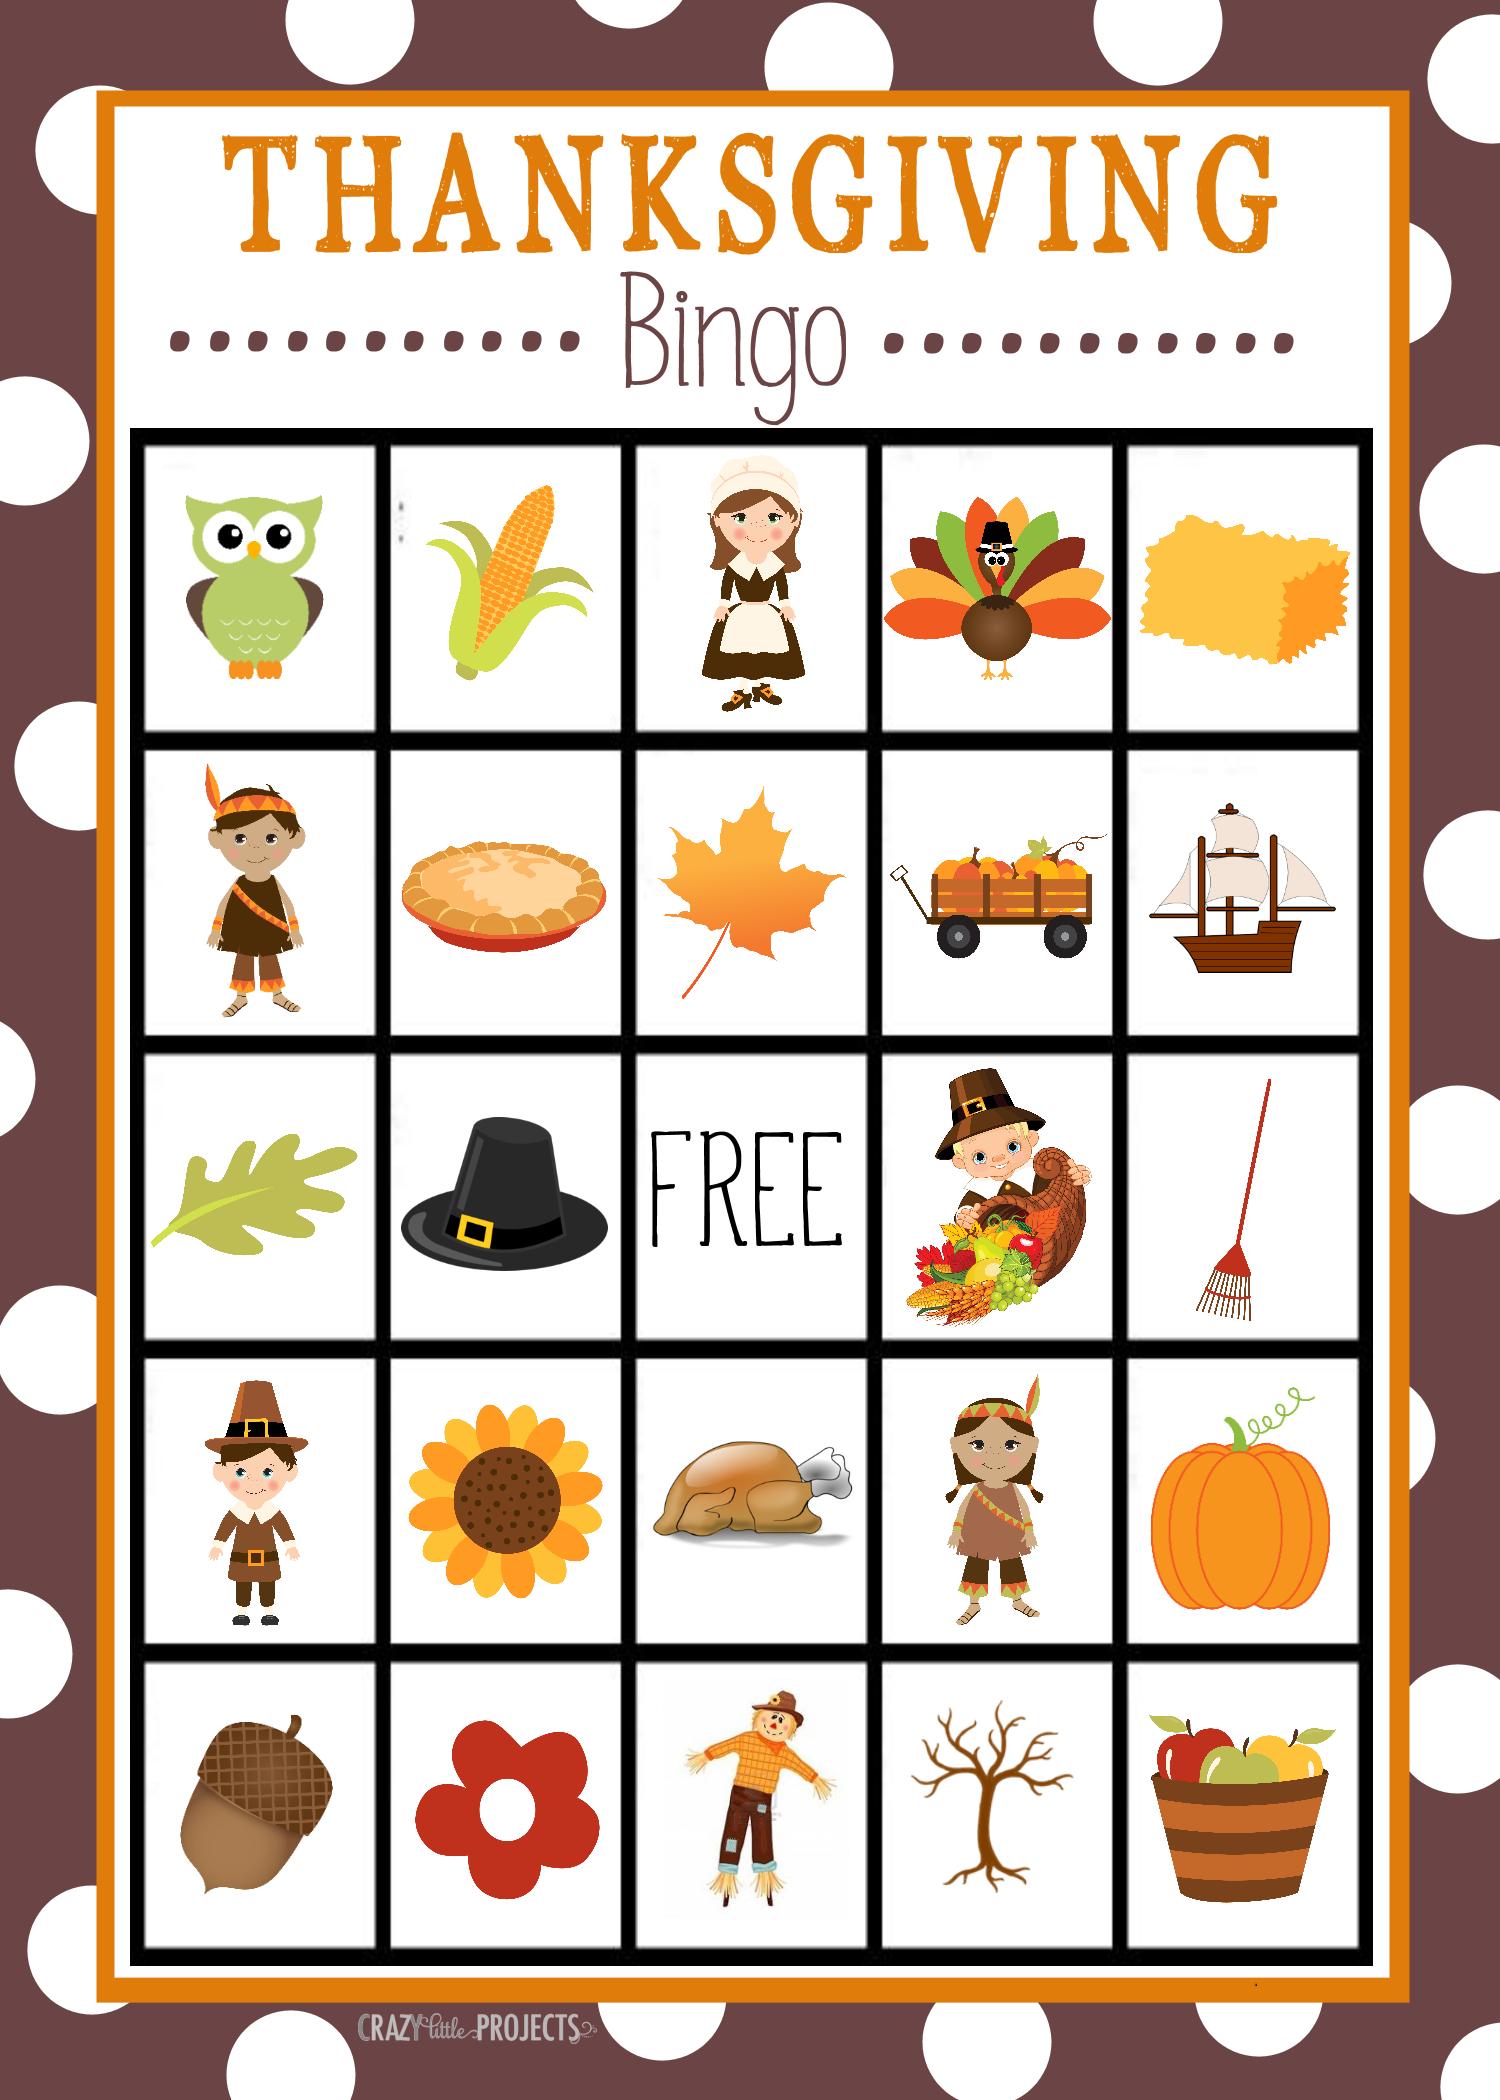 Free Printable Thanksgiving Bingo Game | Craft Time | Thanksgiving - Free Printable Thanksgiving Images